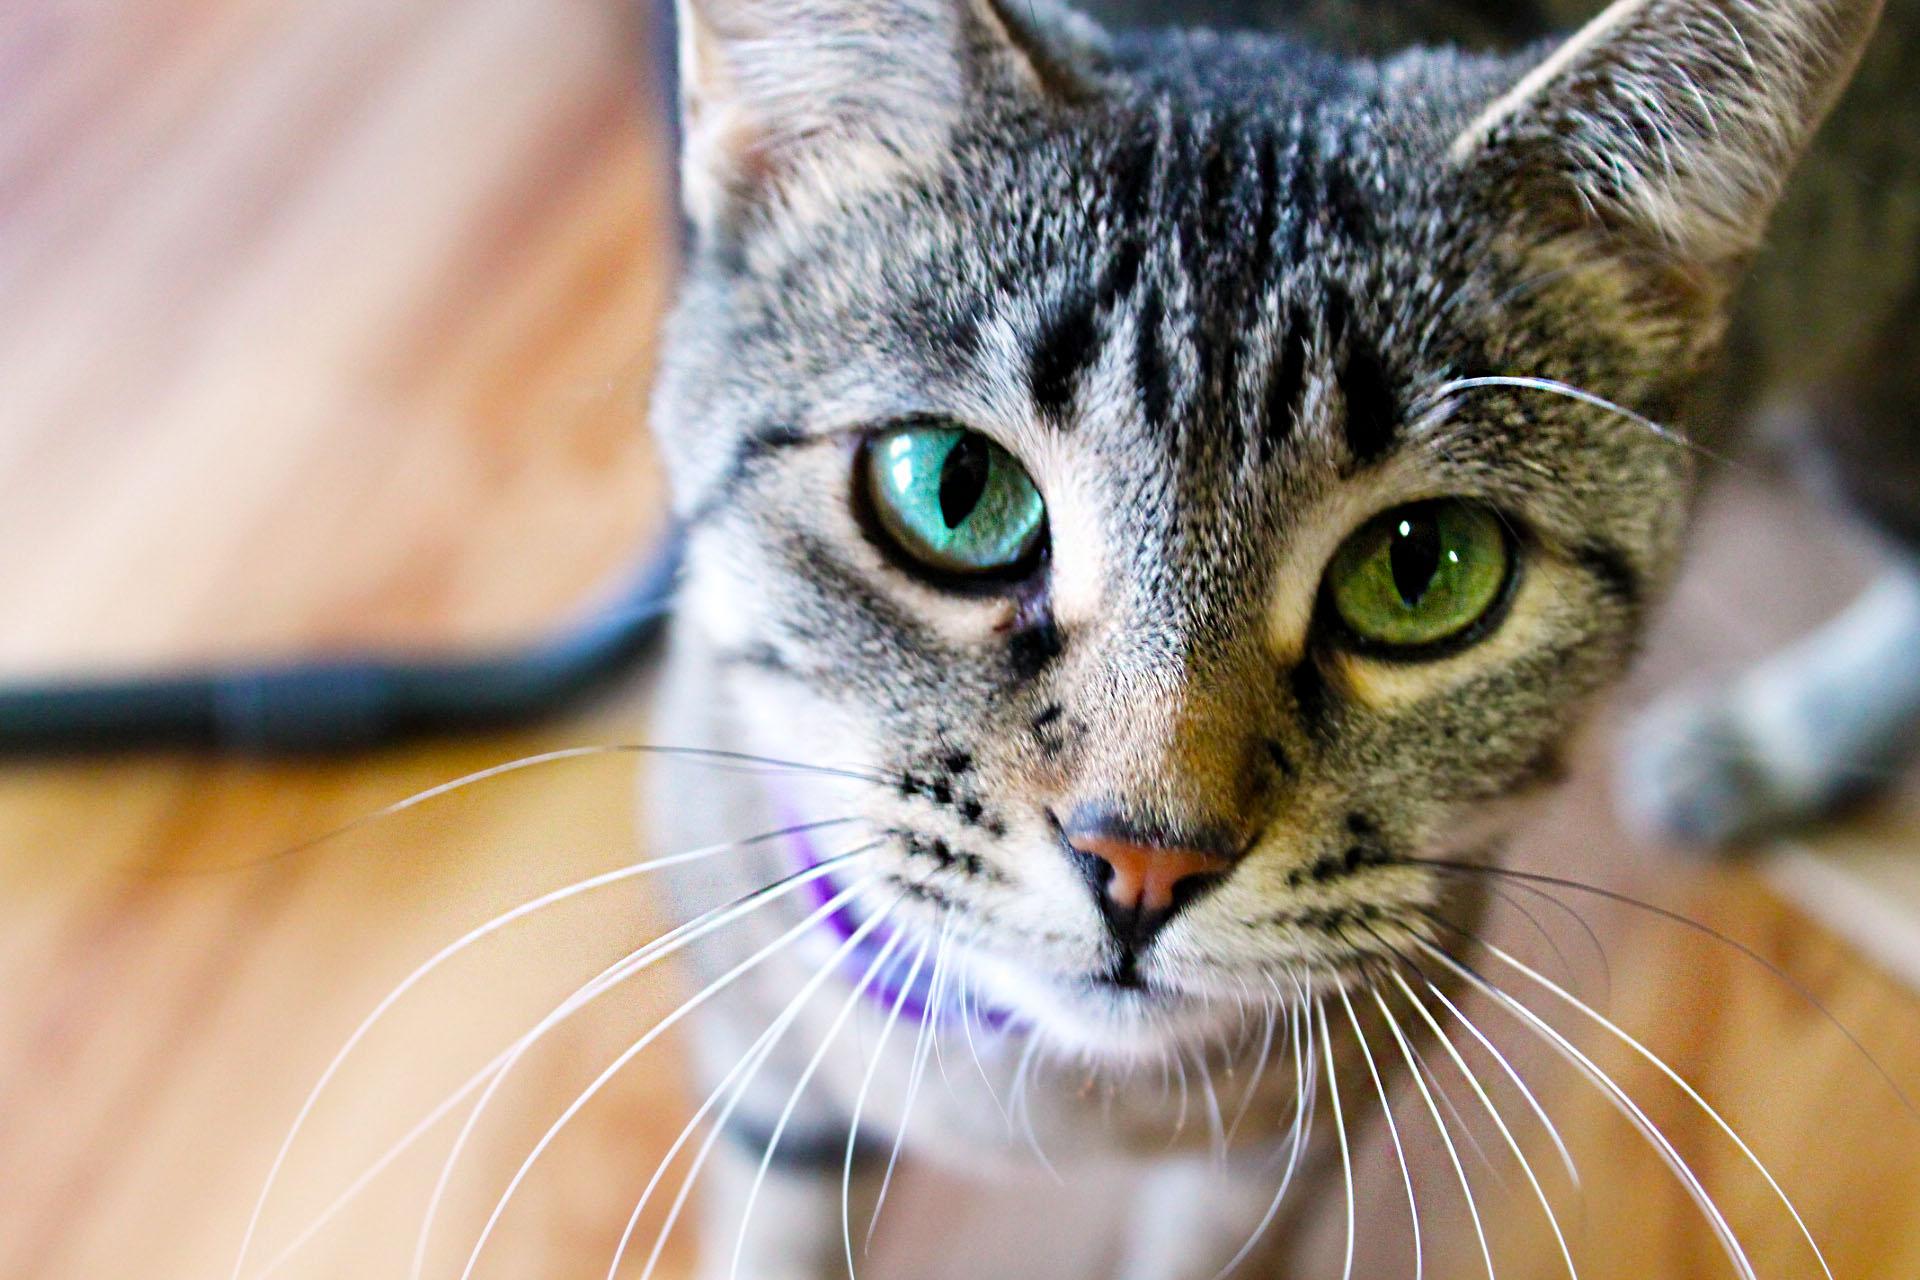 Türkiye'de 15 Milyon Kişi Evini Kedilerle Paylaşıyor 85